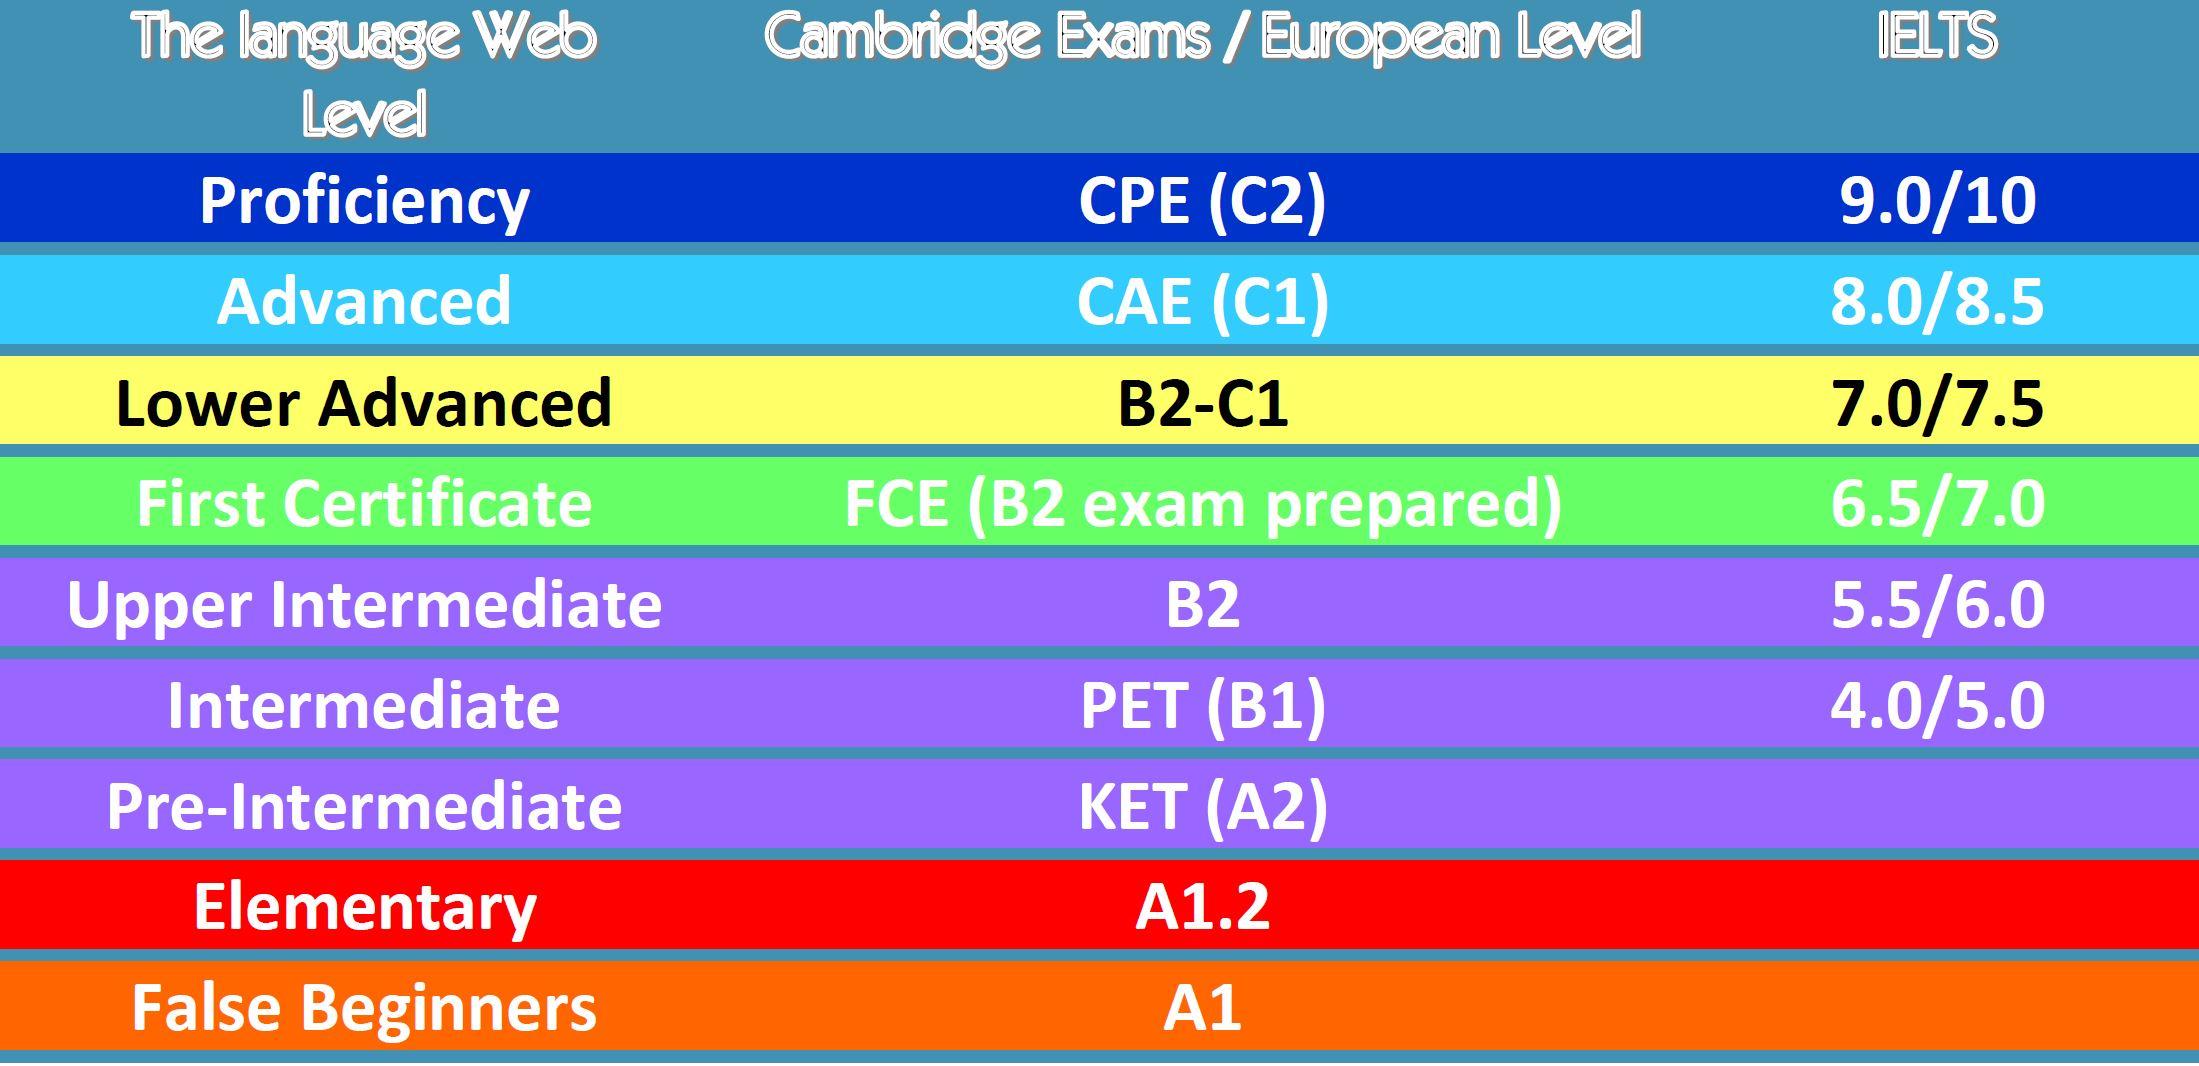 Class levels